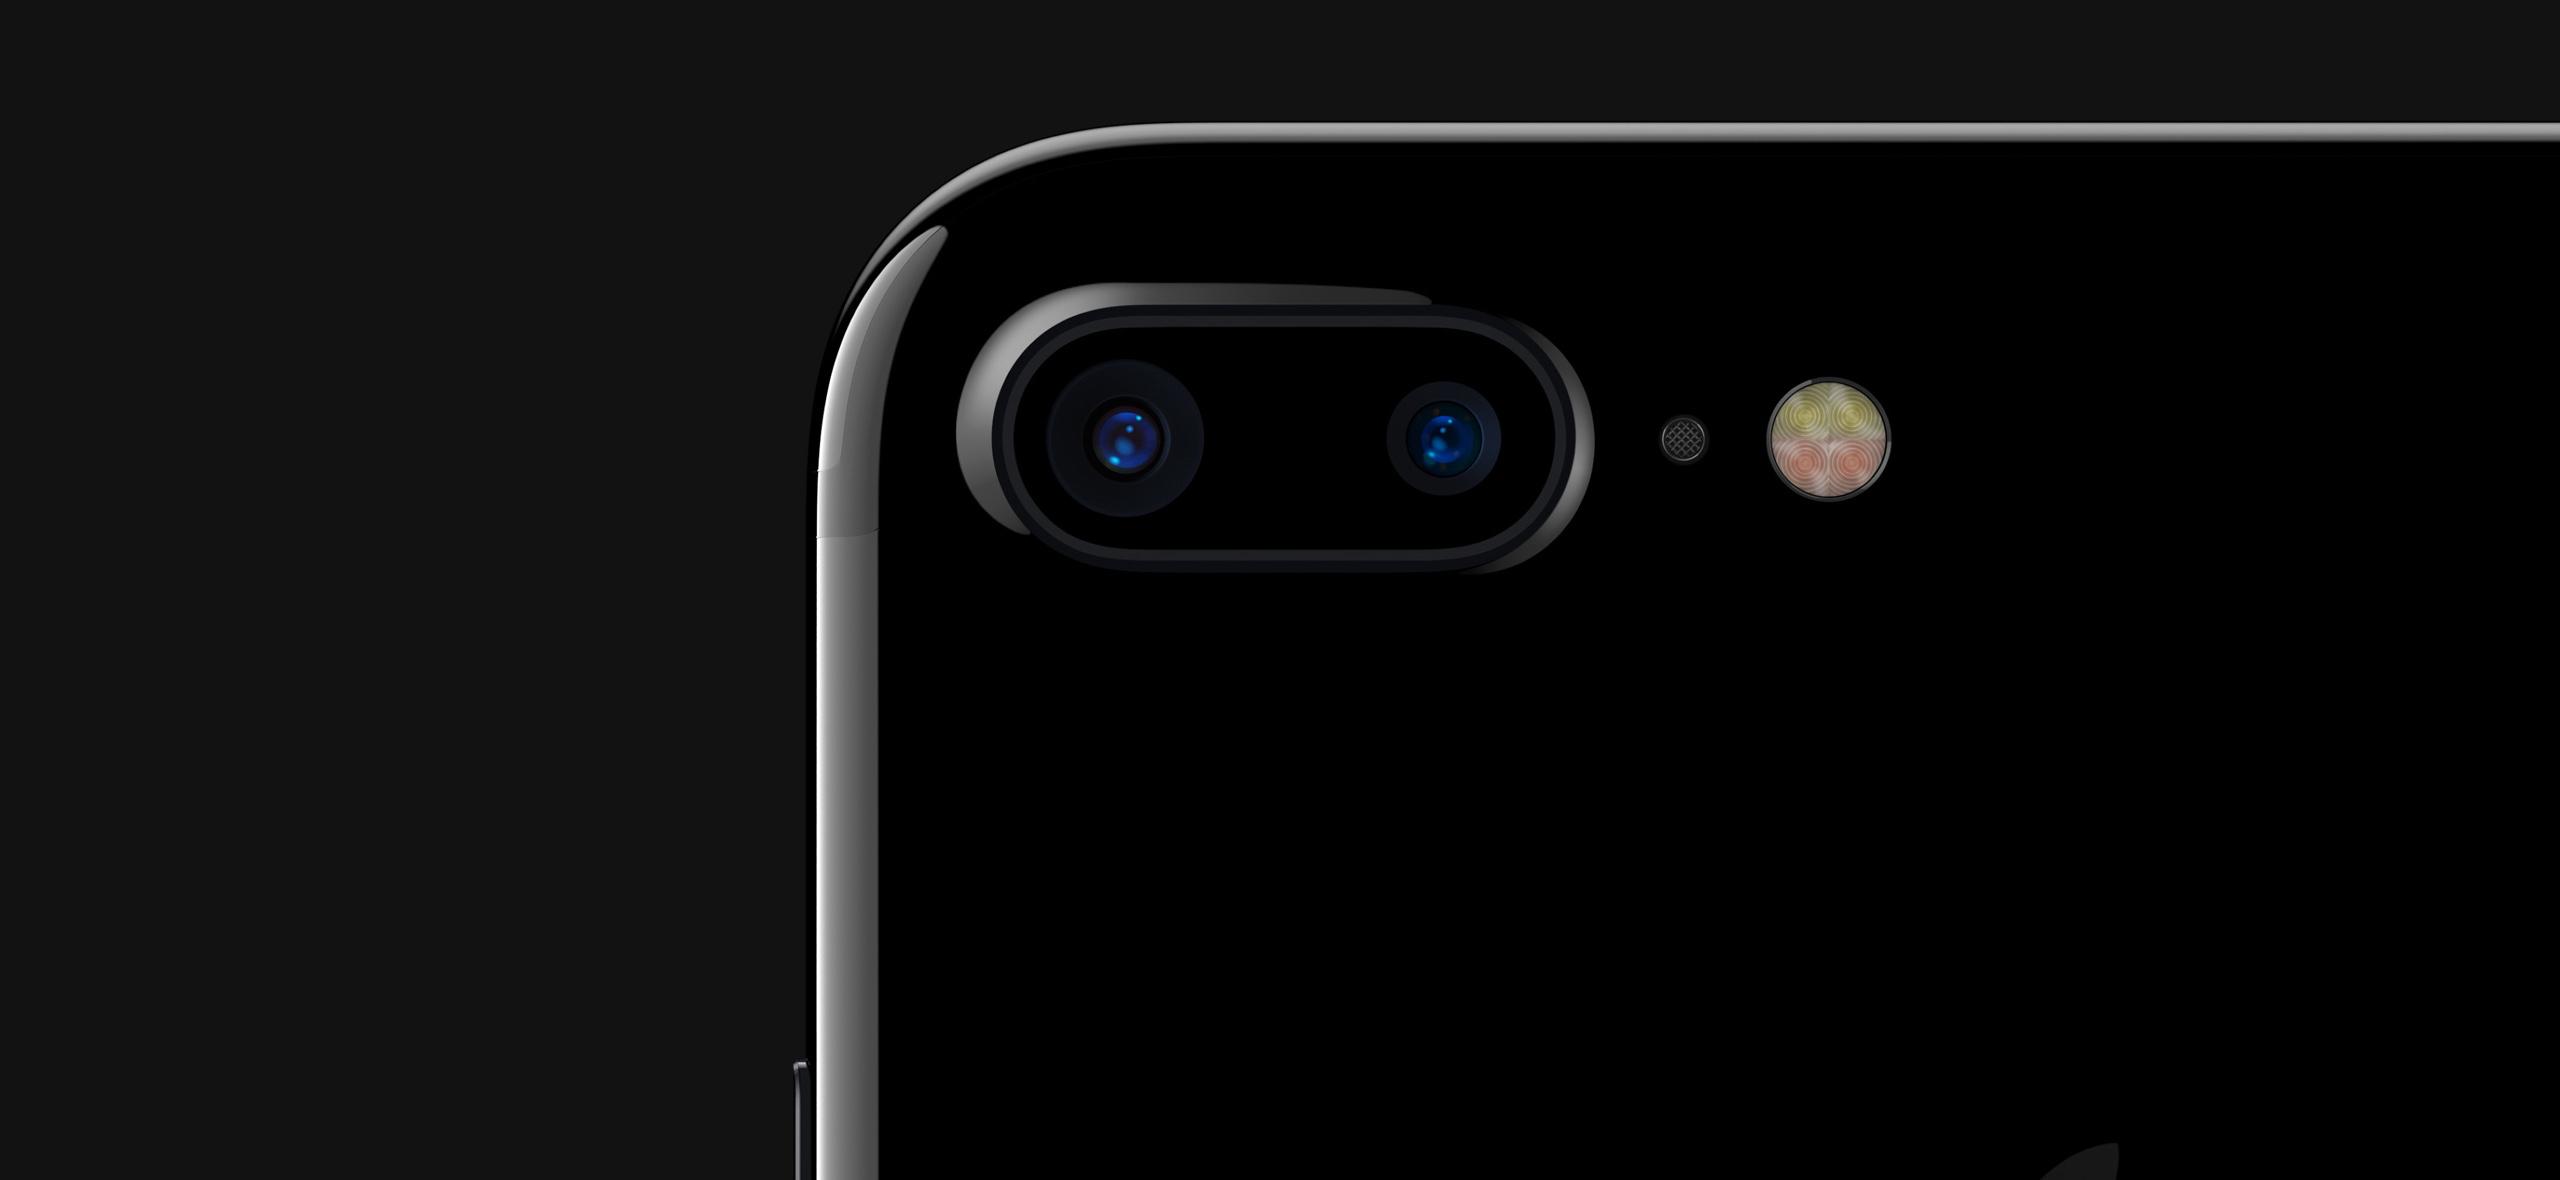 決戦は16時01分!! iPhone 7をオンライン予約サイトまとめ。Apple Store アプリが繋がりやすいぞ